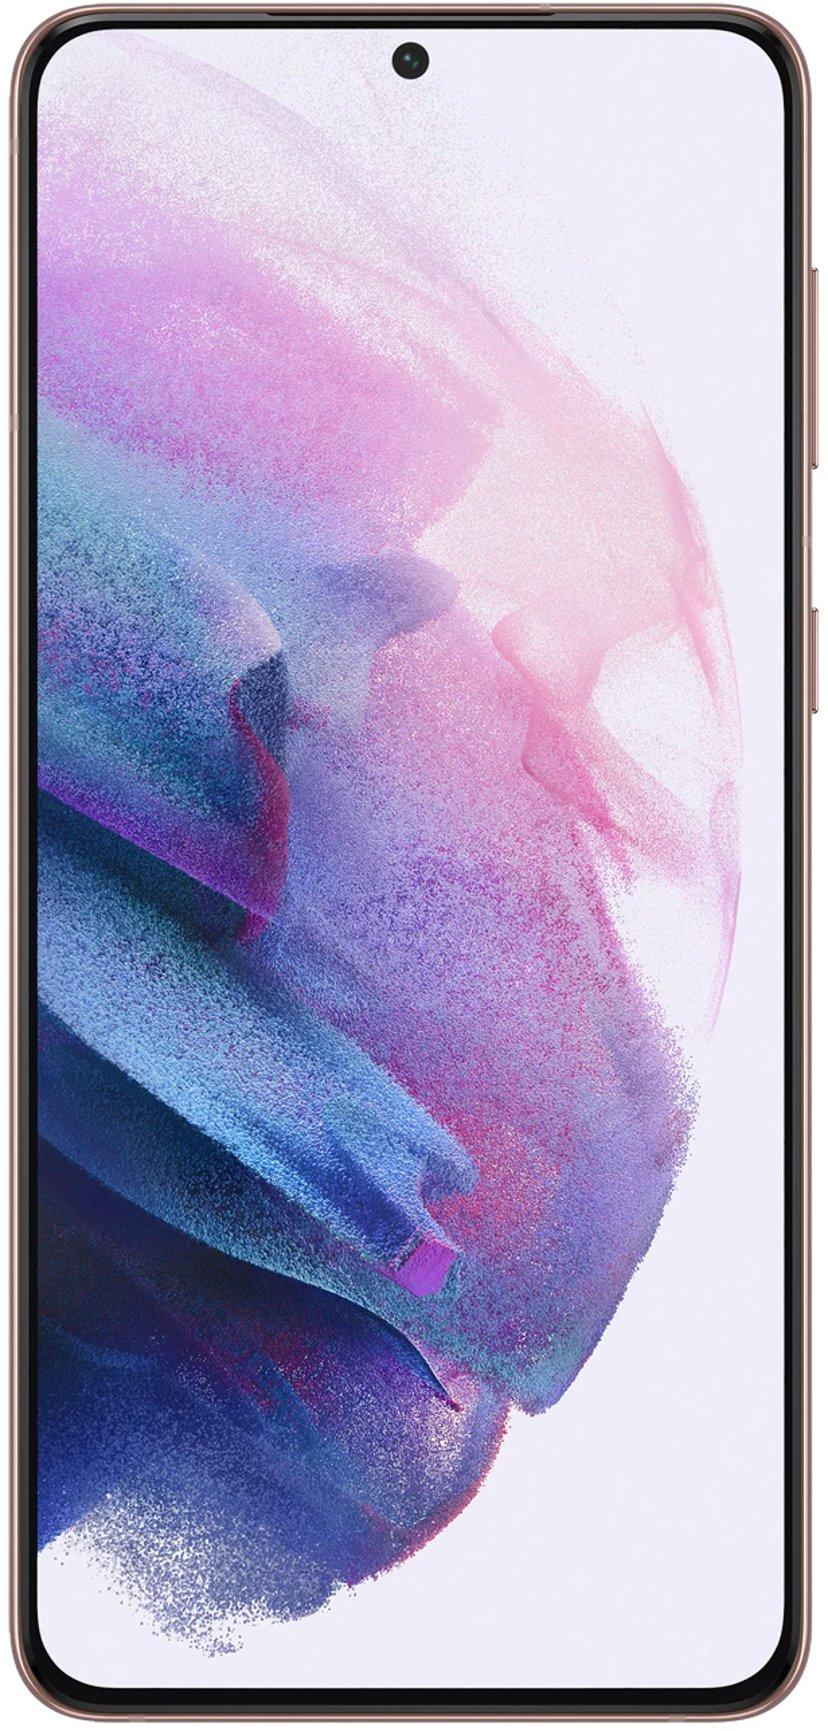 Samsung Galaxy S21+ 5G 256GB Dual-SIM Fantomviolet